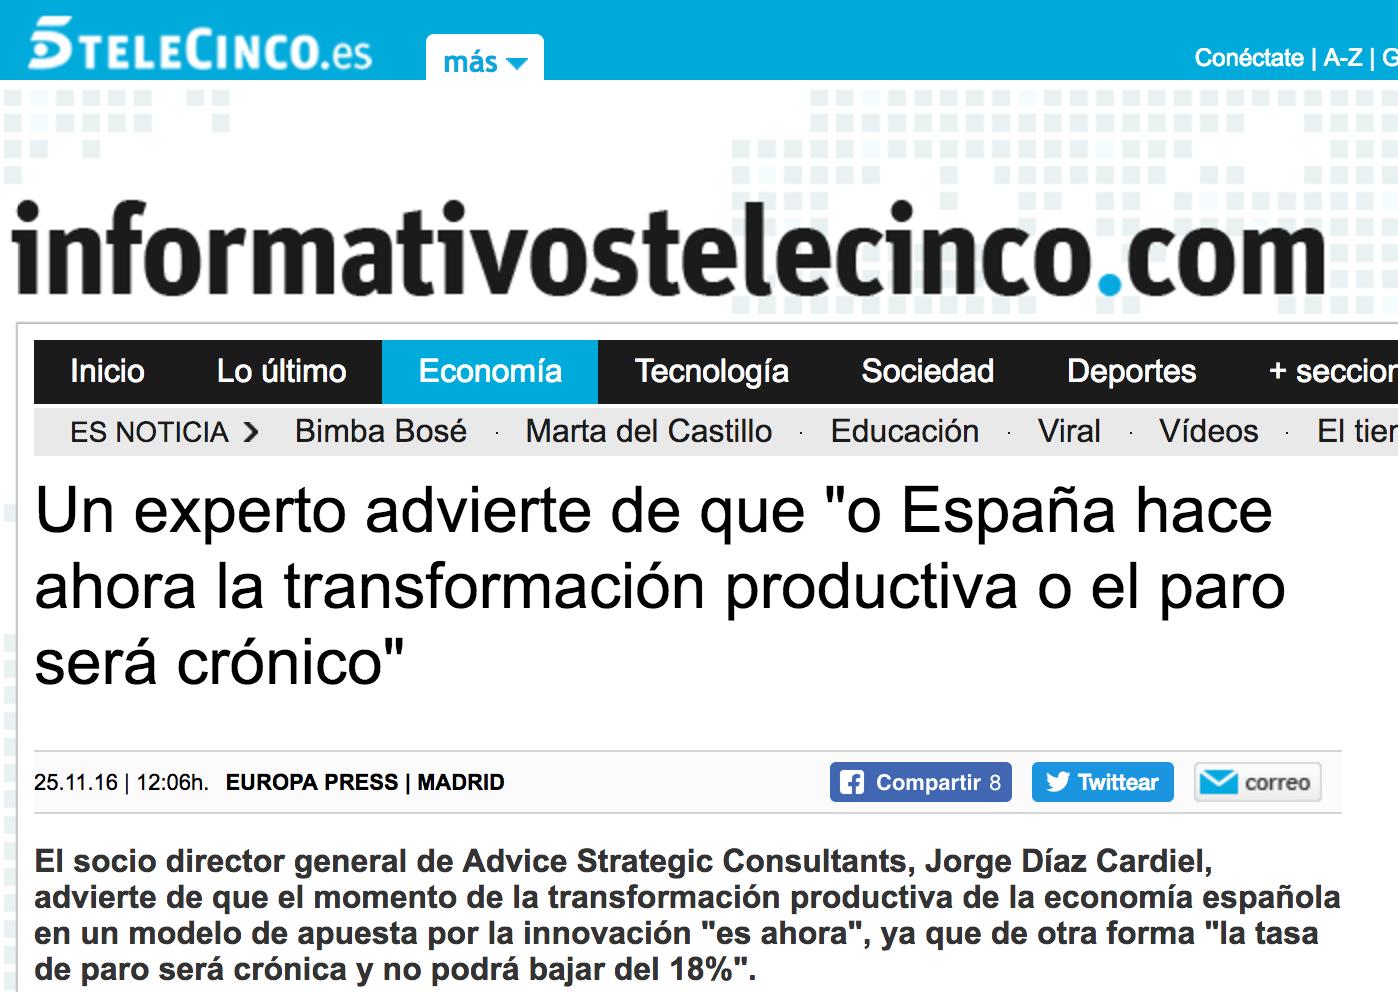 Noticia sobre el nuevo libro de Jorge Díaz-Cardiel en 'InformativosTelecinco.com'